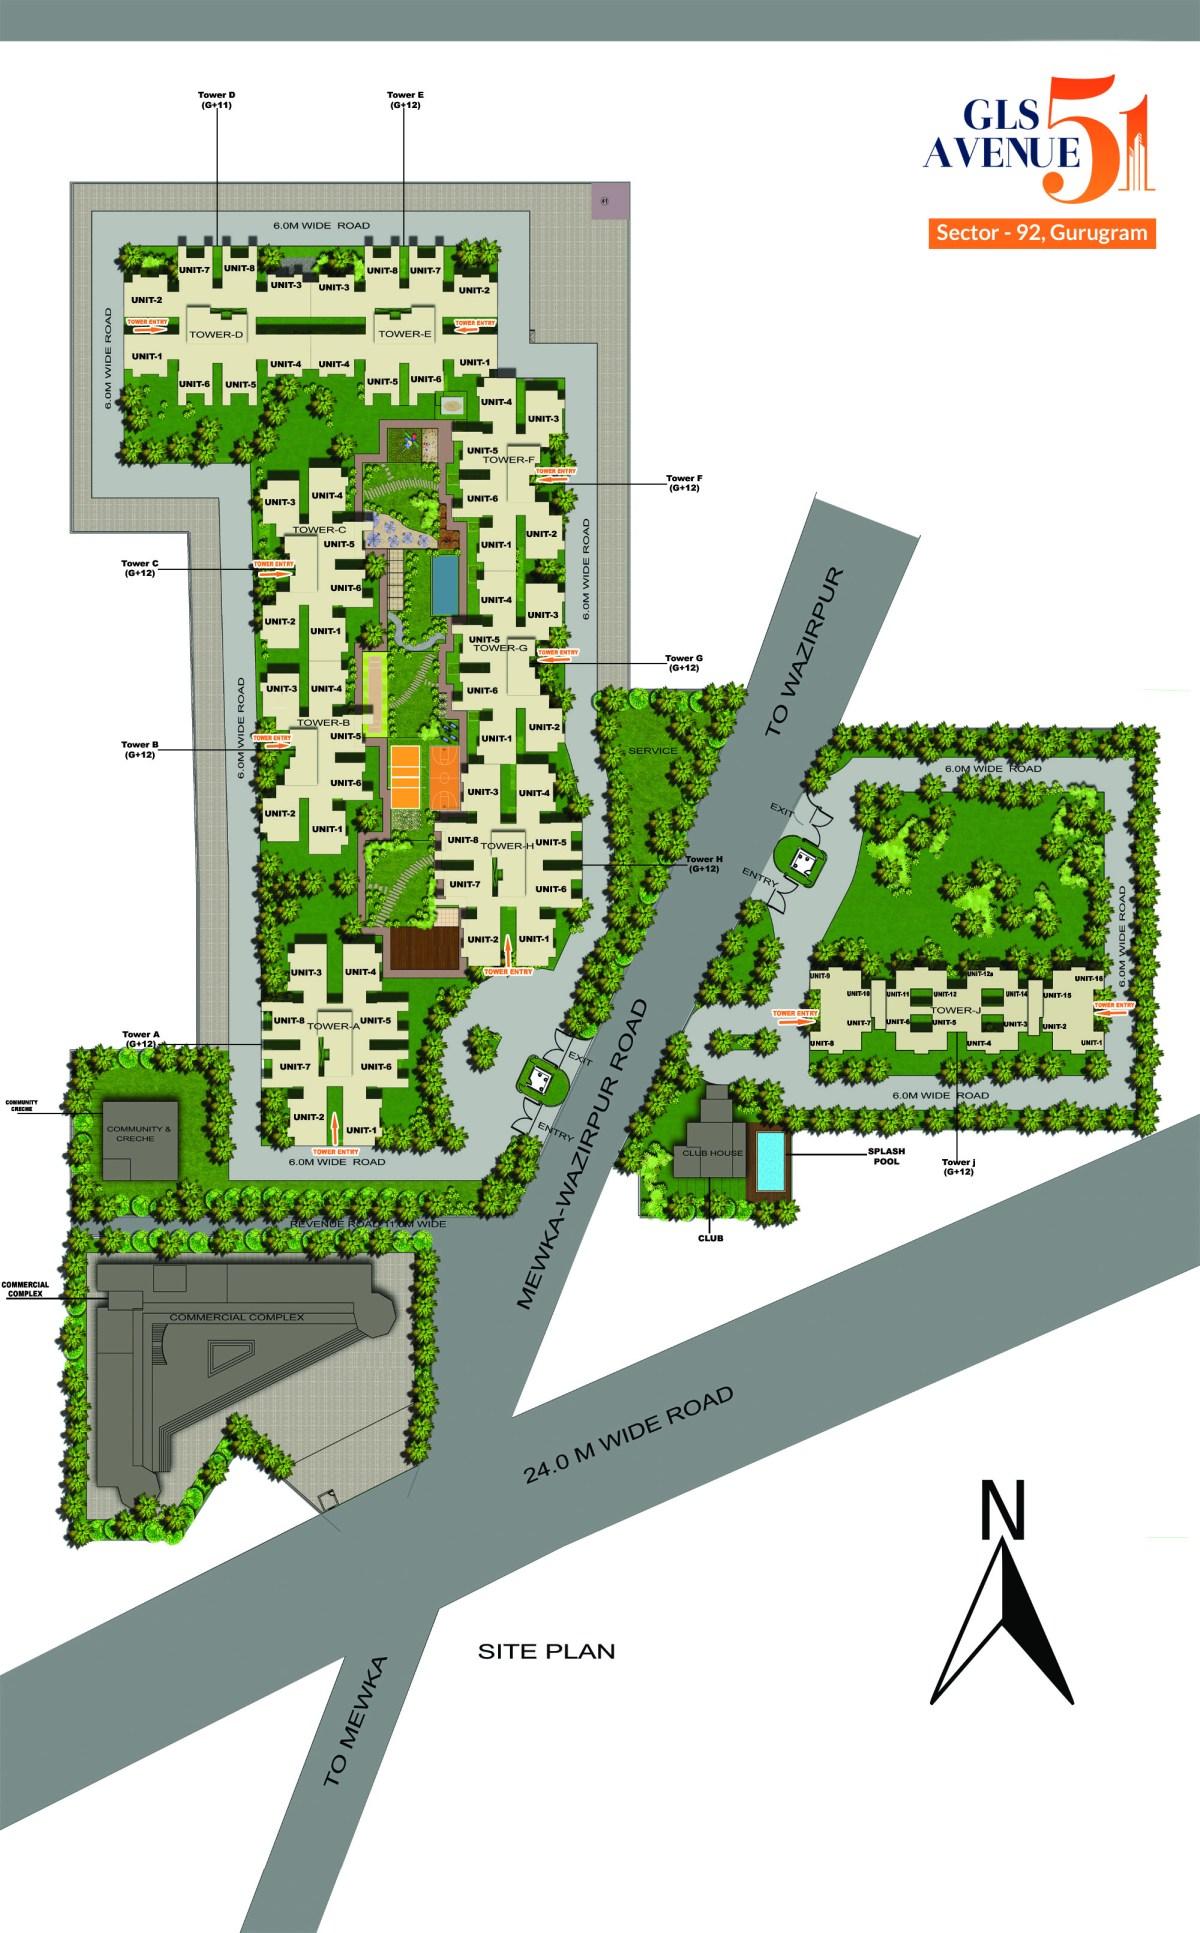 gls site plan